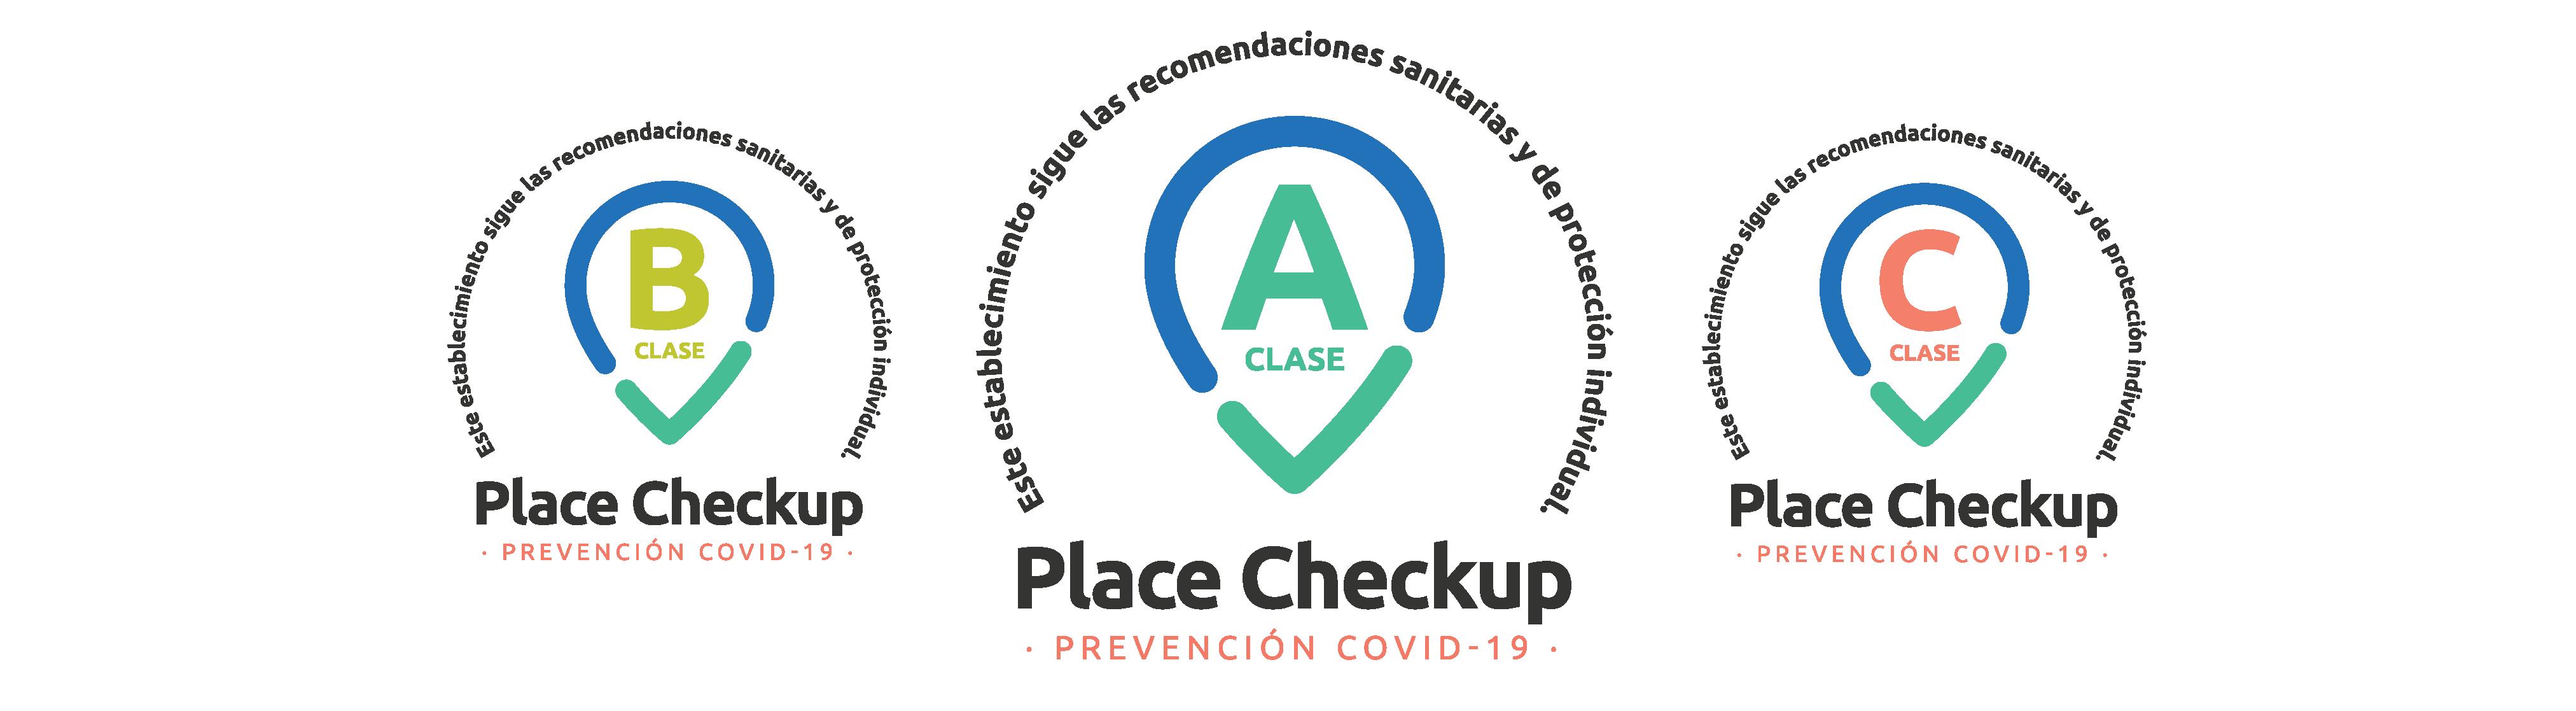 Certificados Clase A, B y C de Place Checkup para Prevención del COVID-19